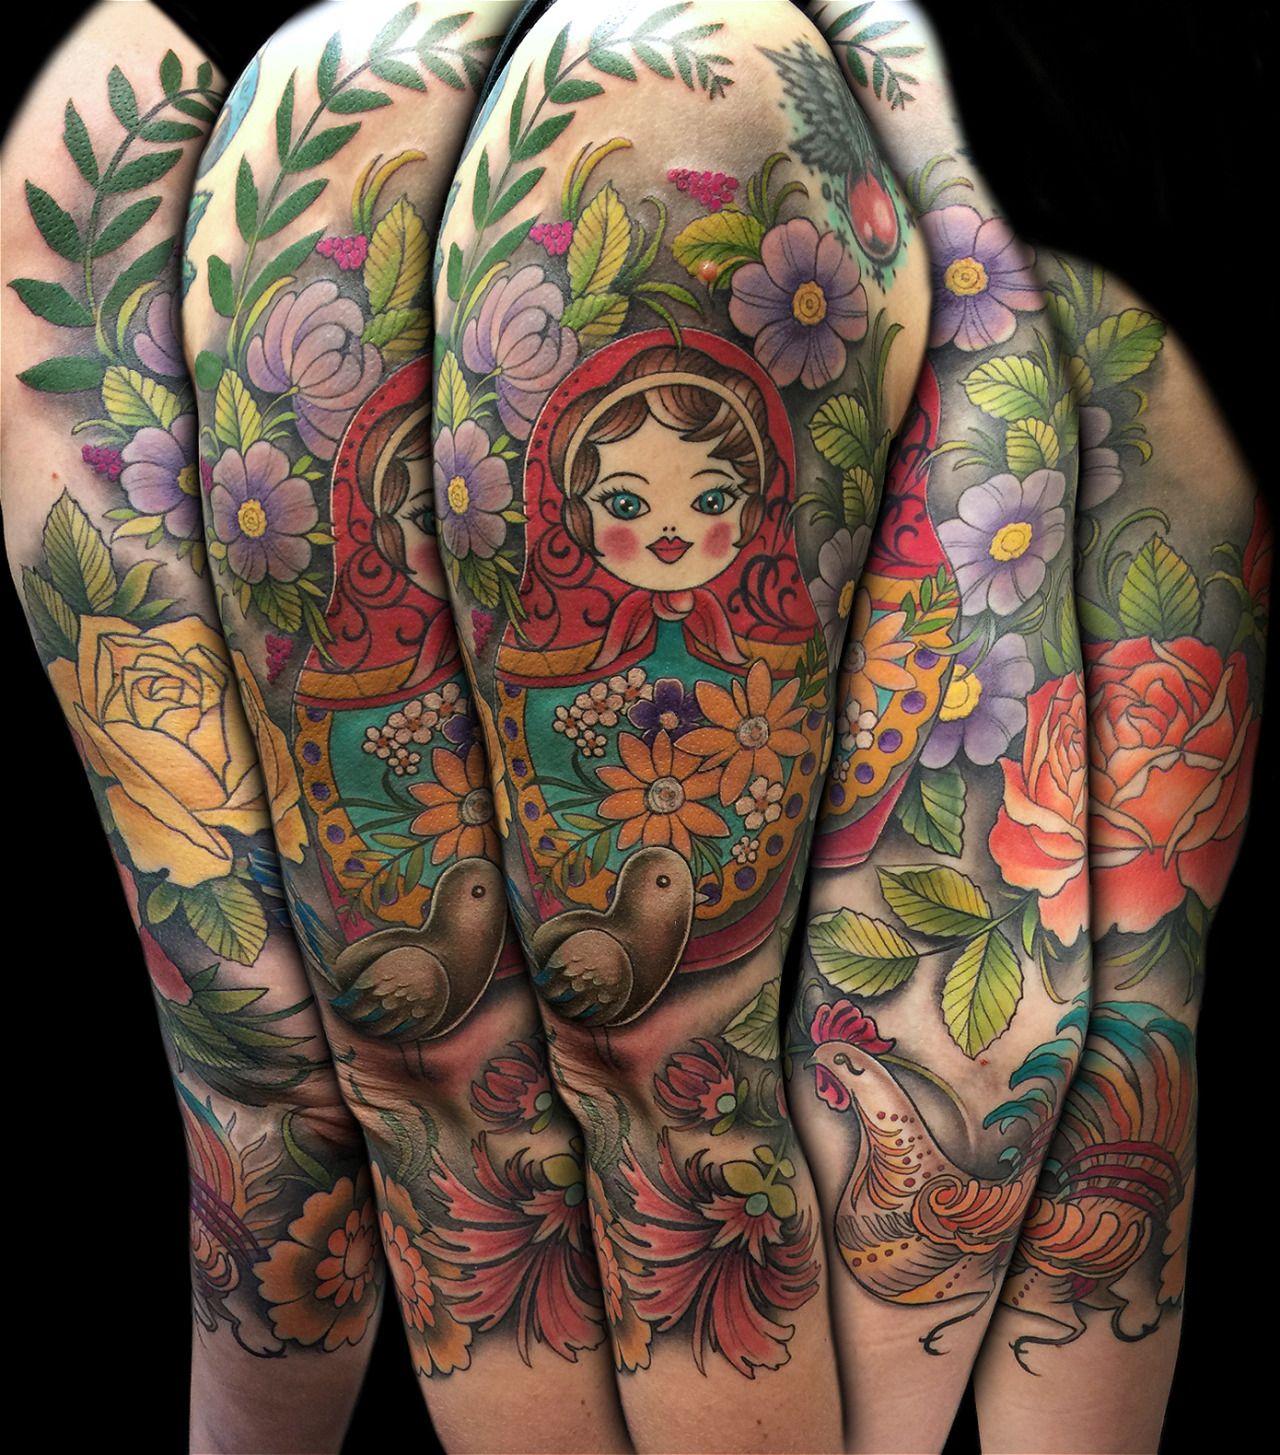 9e68b4bd2 Russian Folk Art ¾ Sleeve Tattoo by David Mushaney, Dallas, TX  www.DMTattoos.com